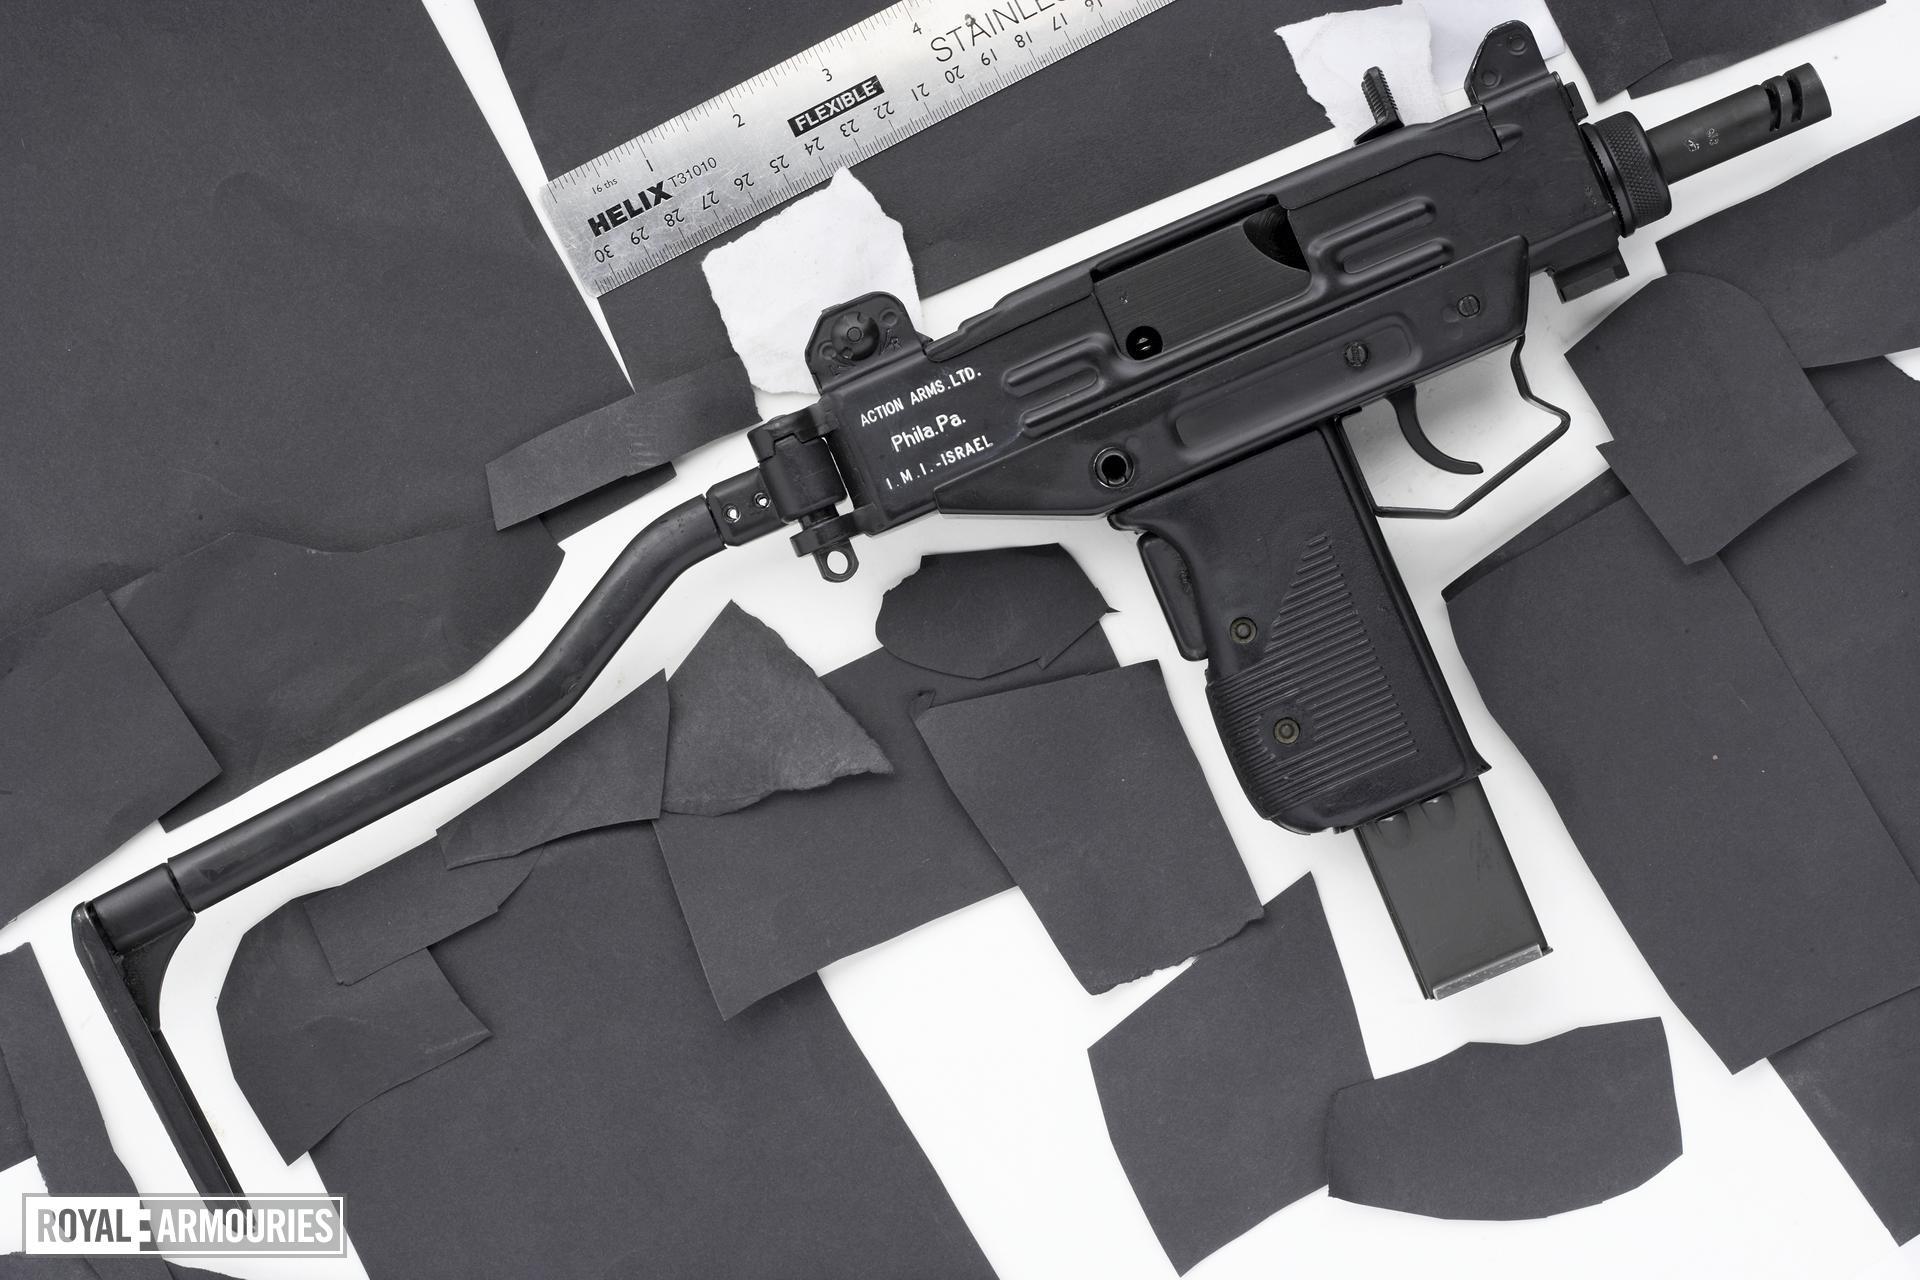 Centrefire automatic submachine gun - Micro Uzi